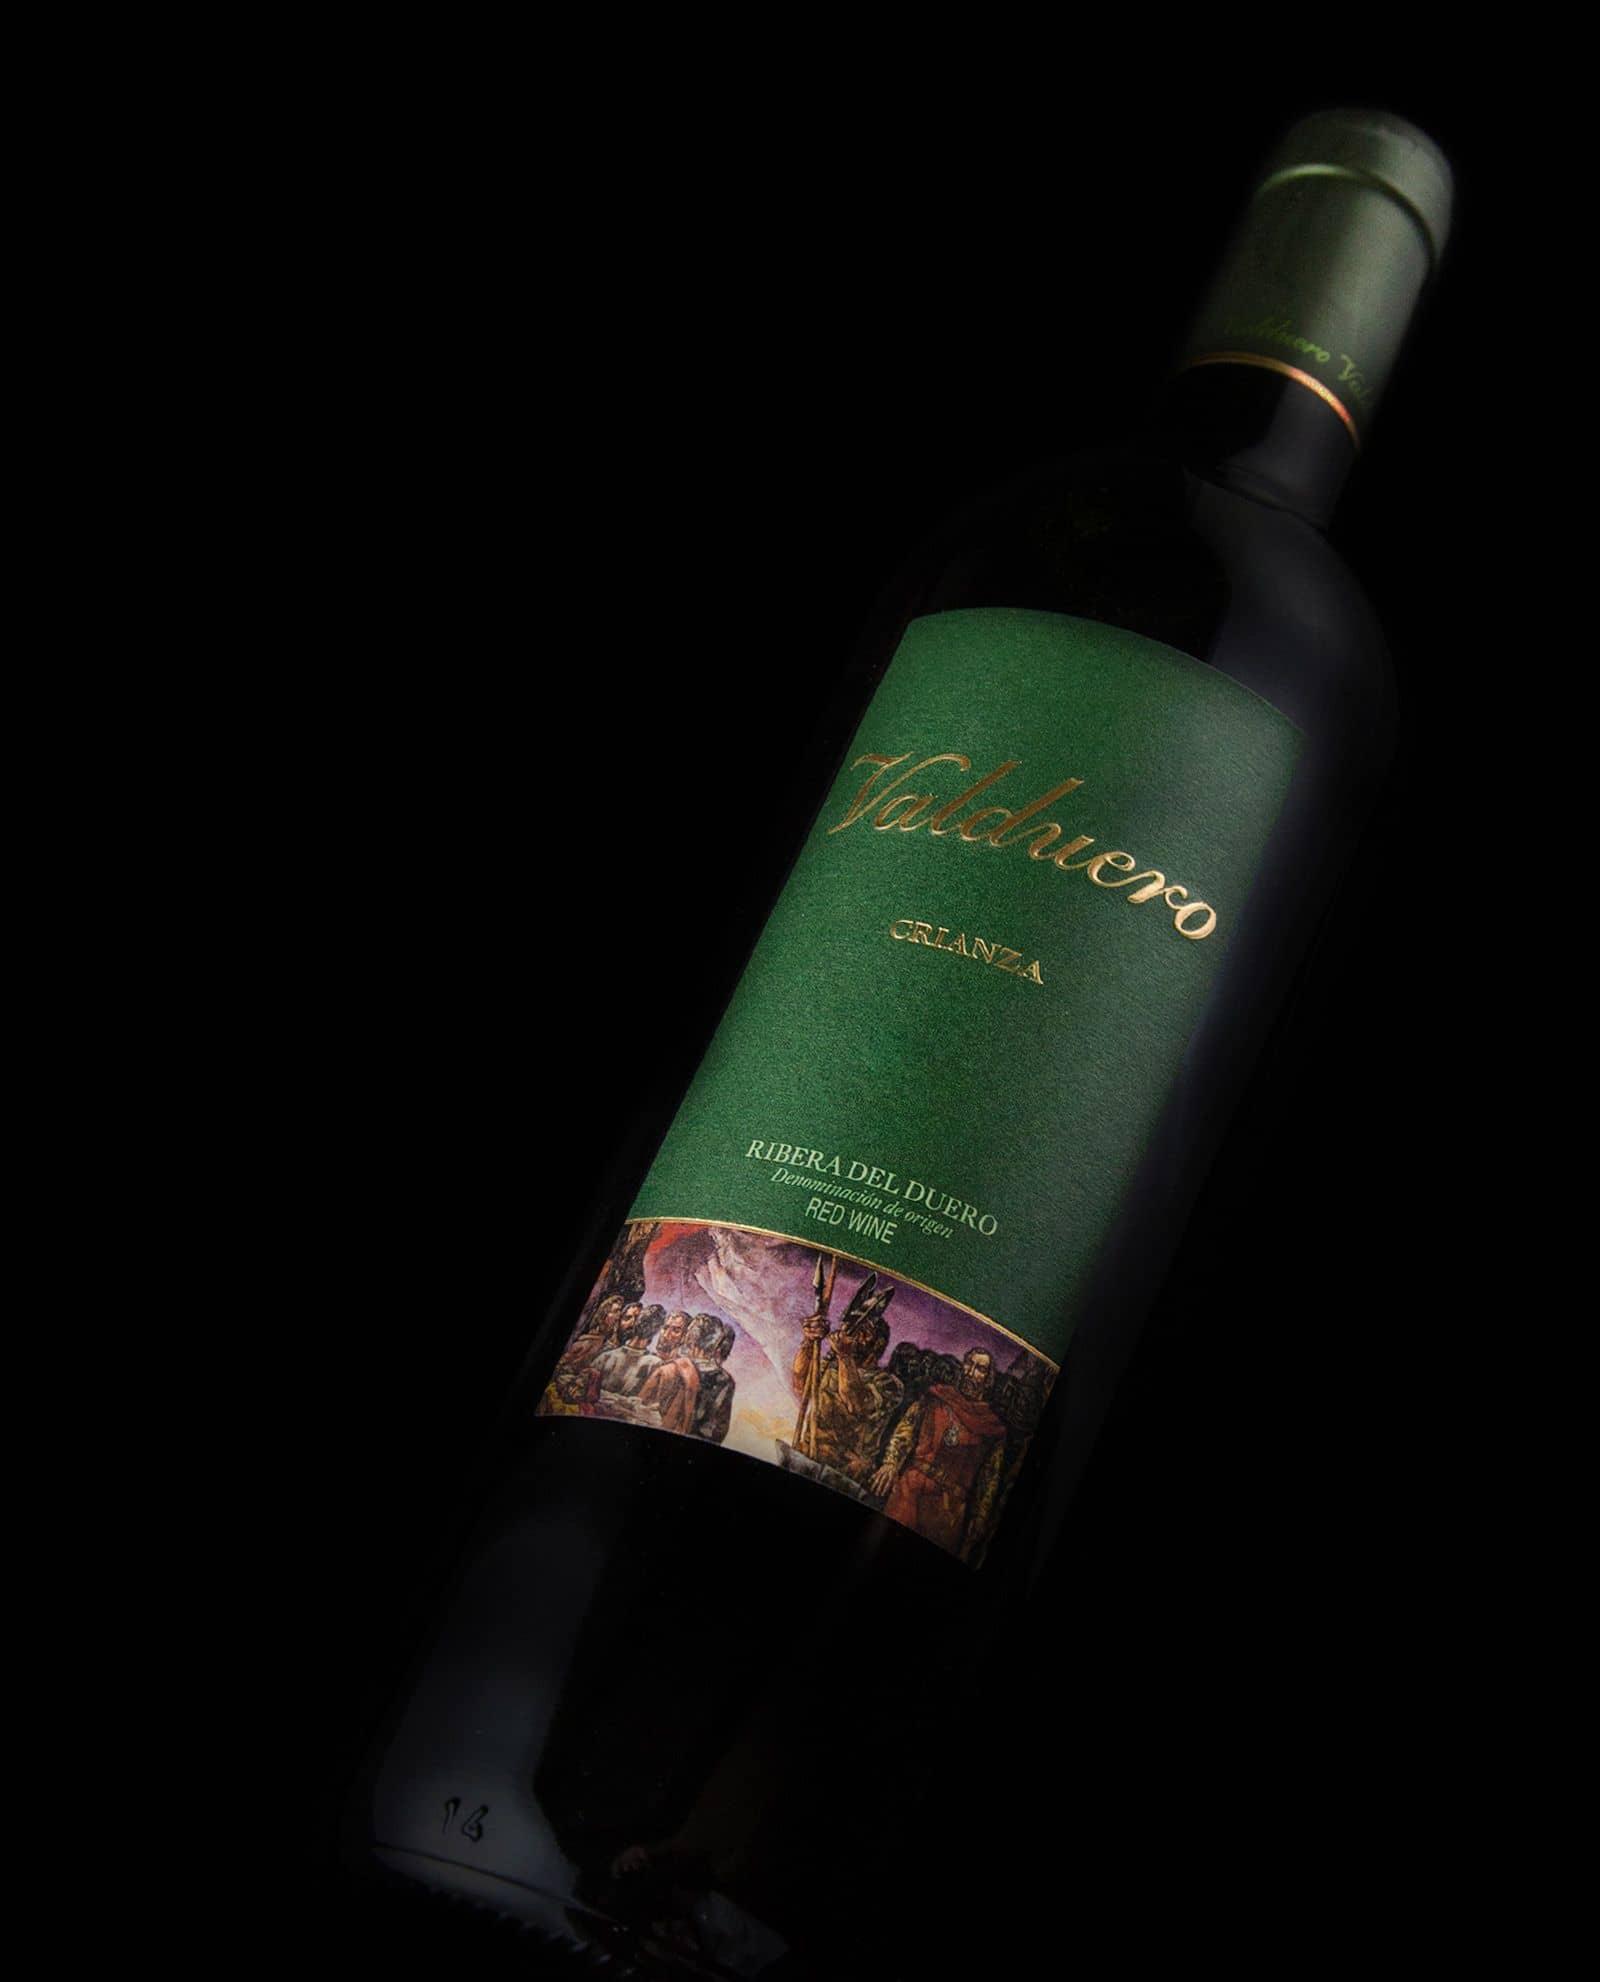 Valduero crianza, vino tinto de la Ribera del Duero